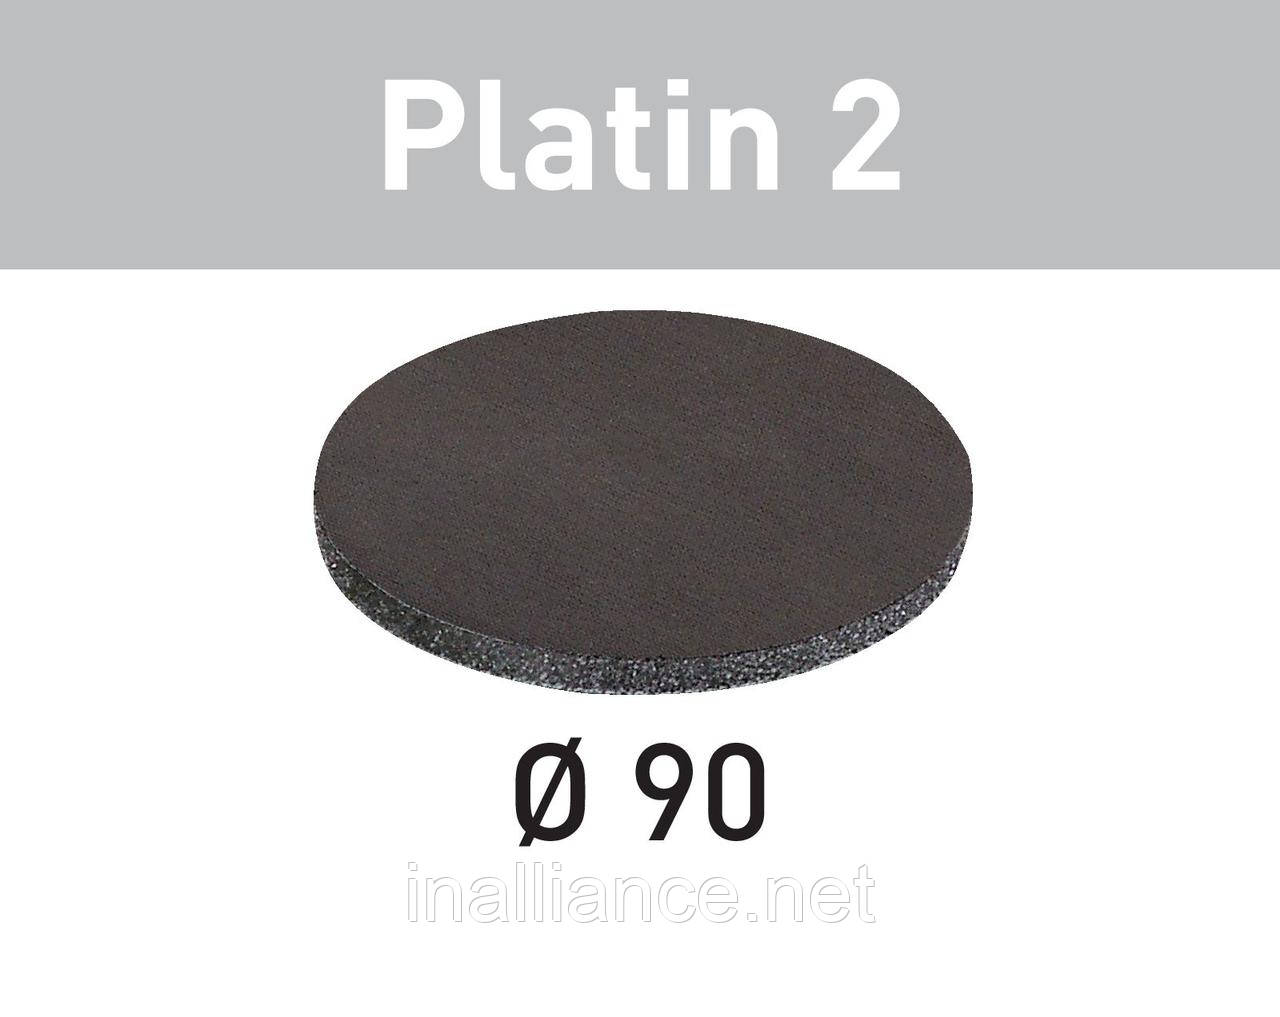 Шлифовальные круги Platin 2 STF D 90/0 S1000 PL2/15 Festool 498323